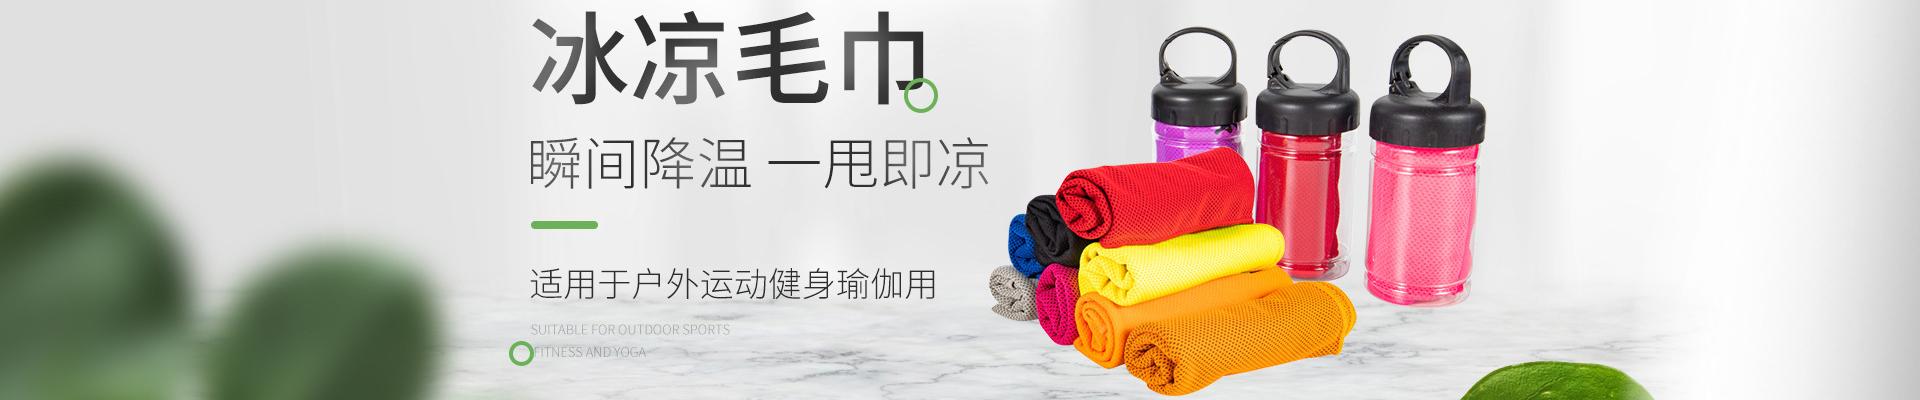 无锡市美慧晨纺织用品有限公司